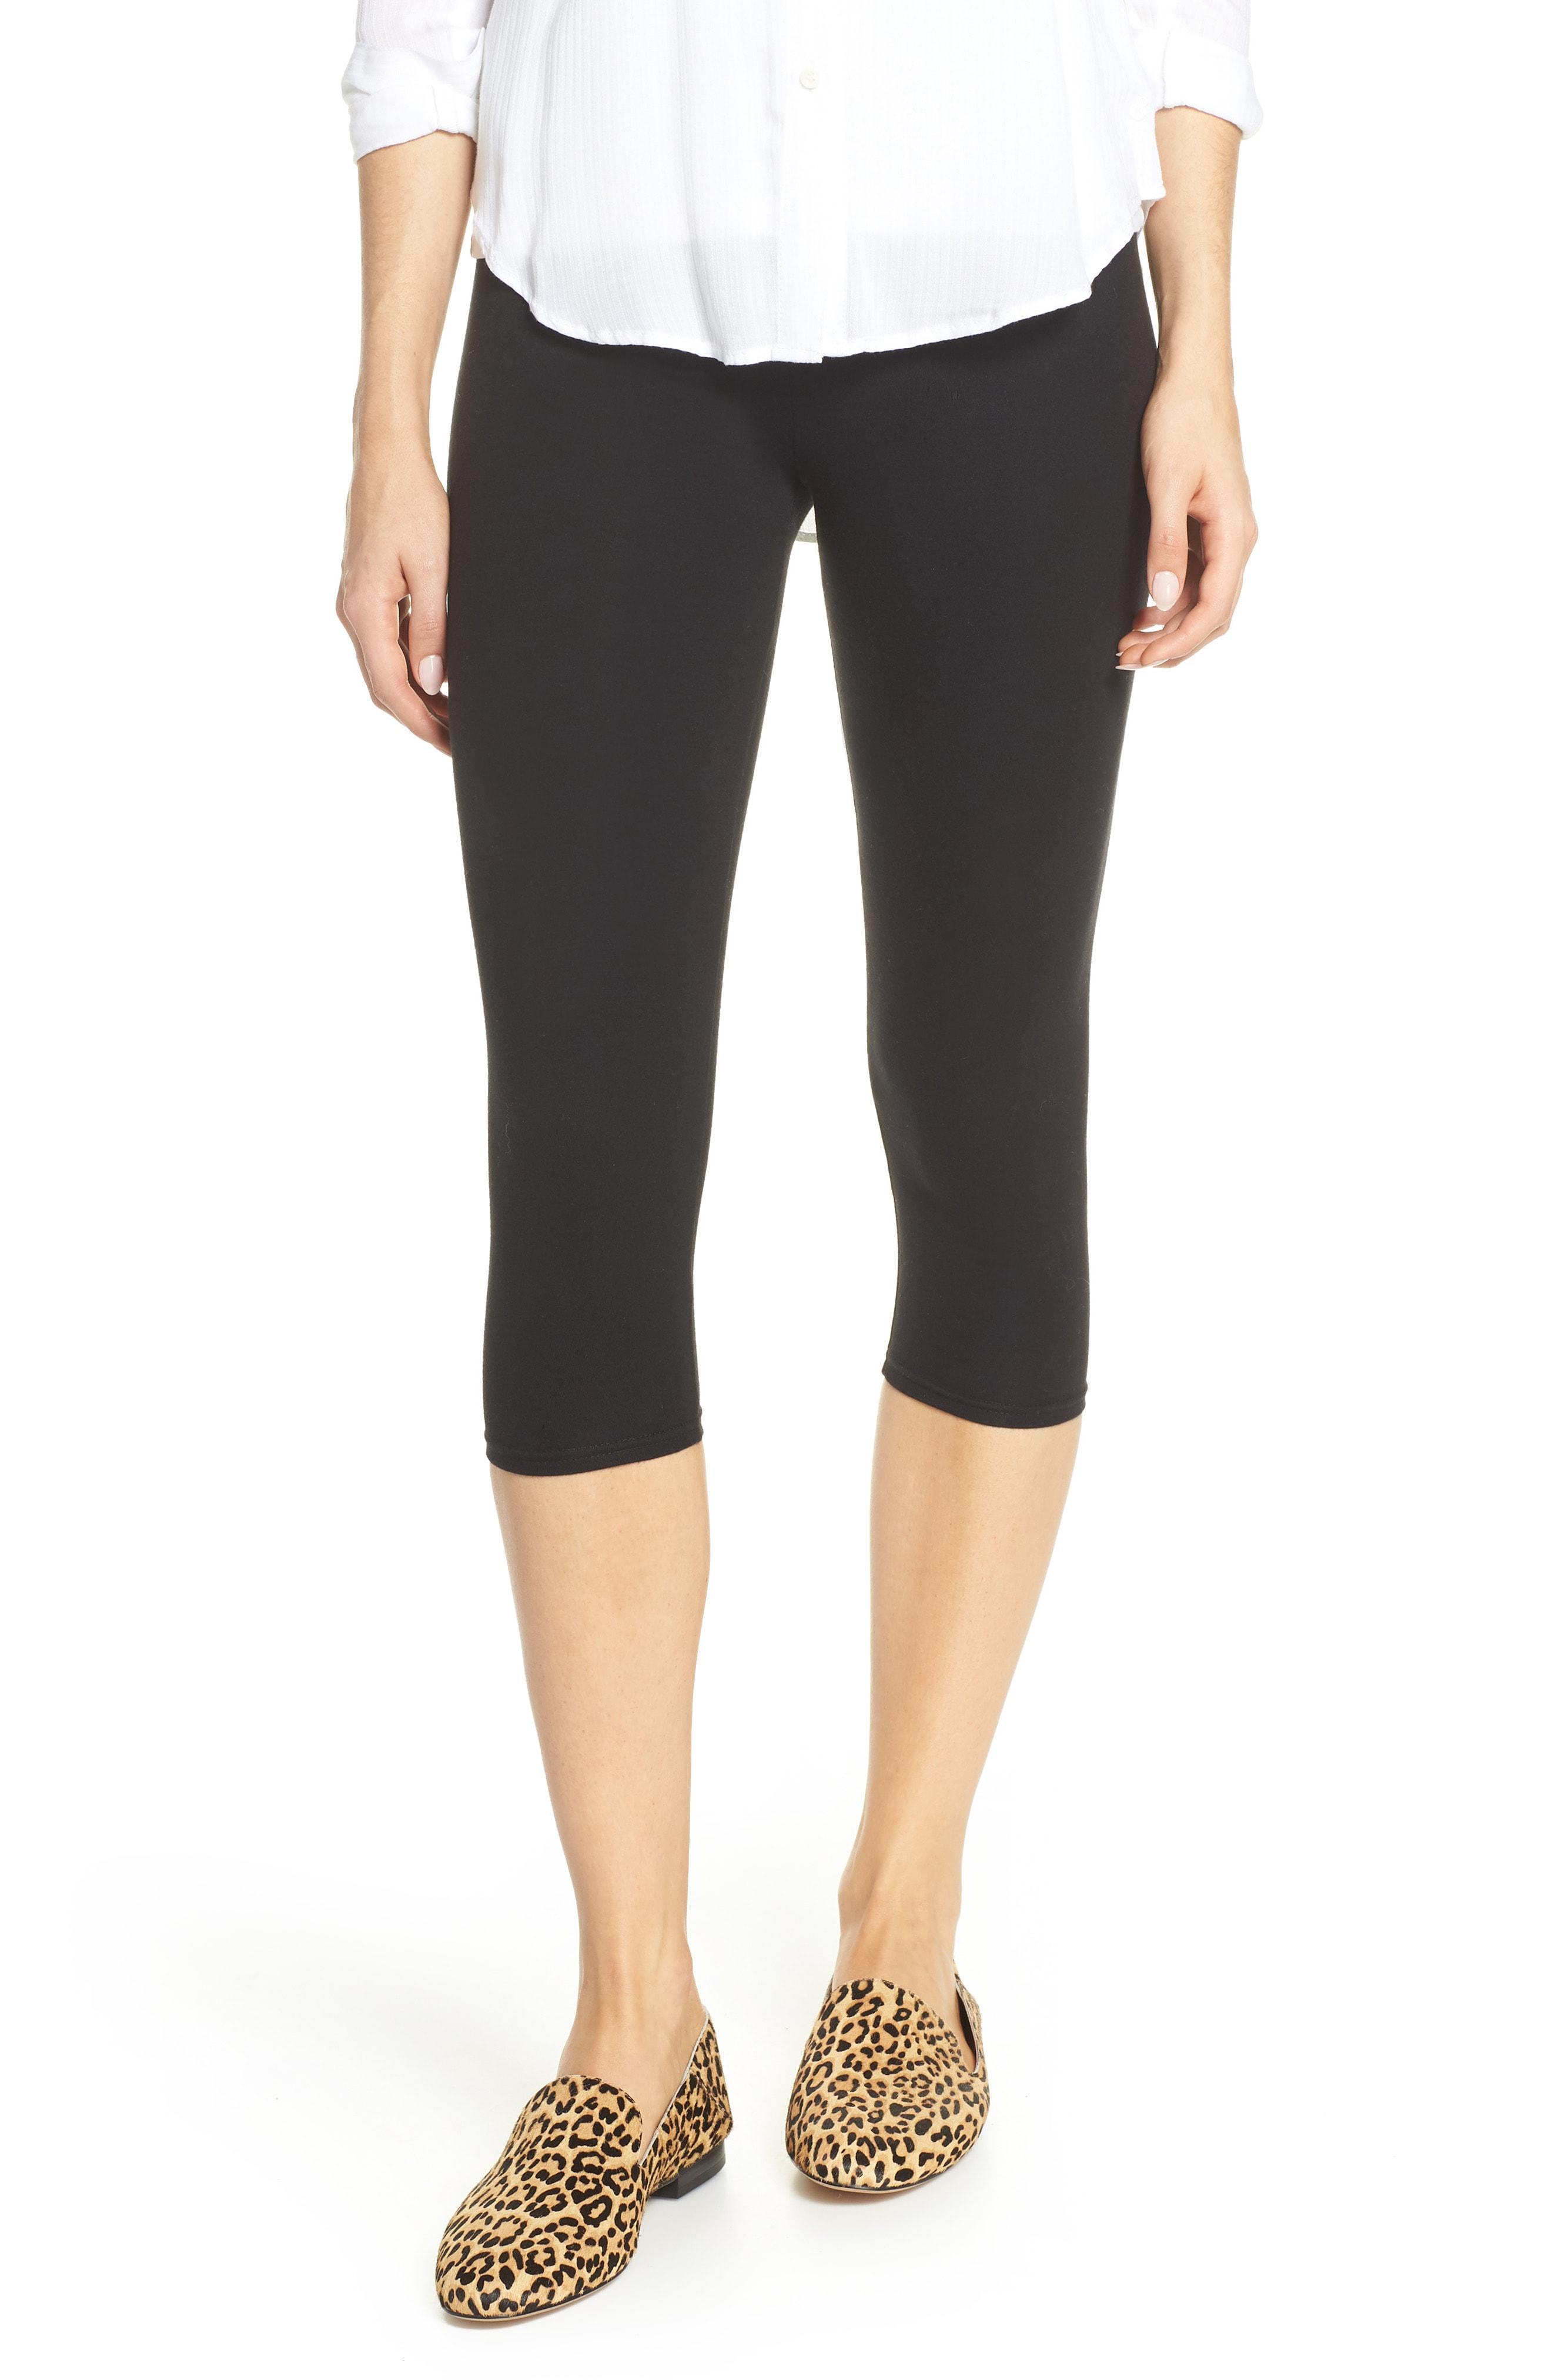 Womens Black Lace Capri Leggings 36 pack - at